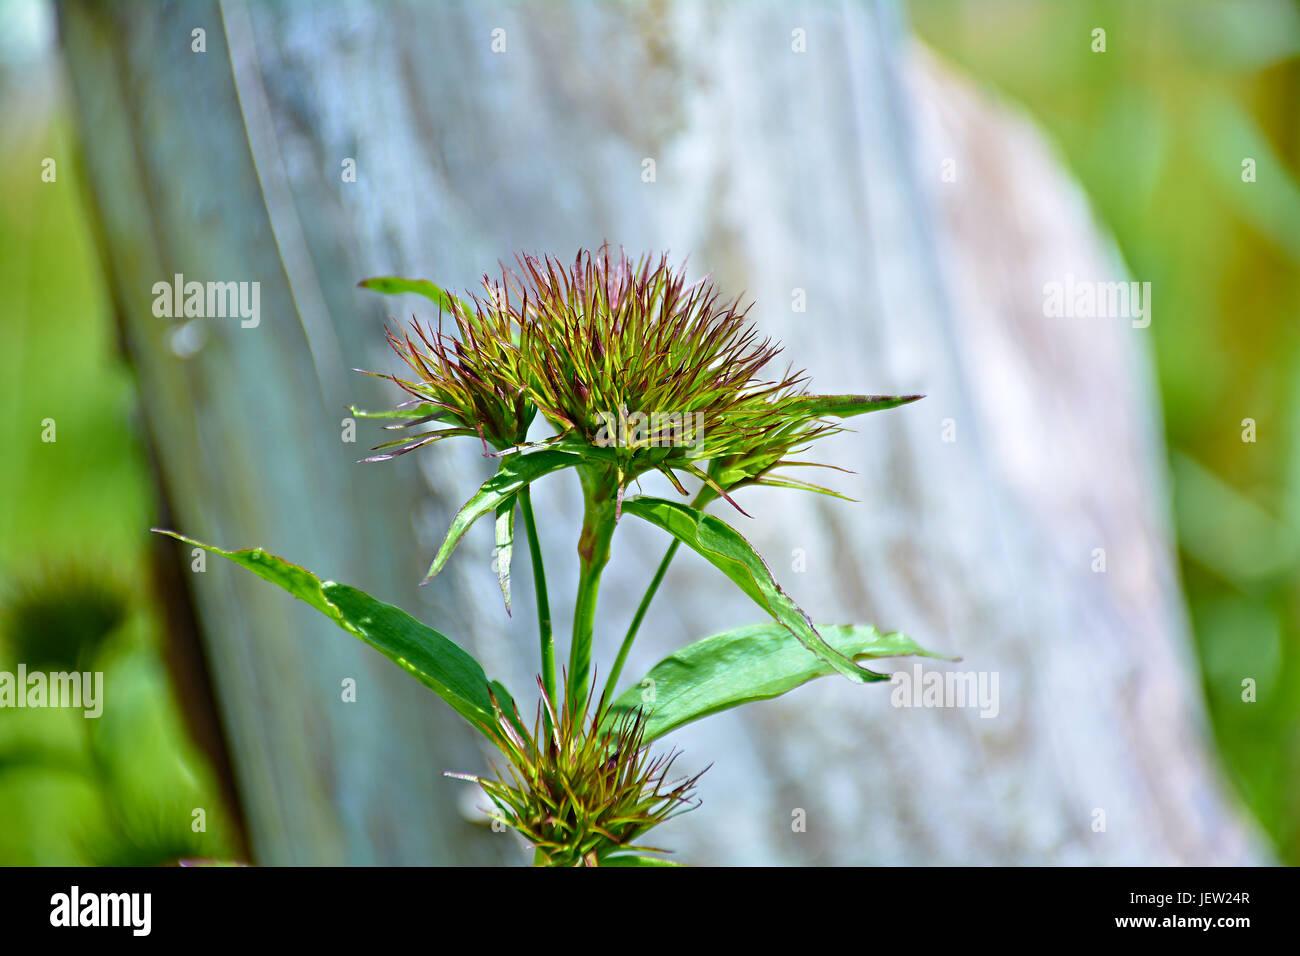 Turkish Flowers Stockfotos & Turkish Flowers Bilder - Seite 2 - Alamy